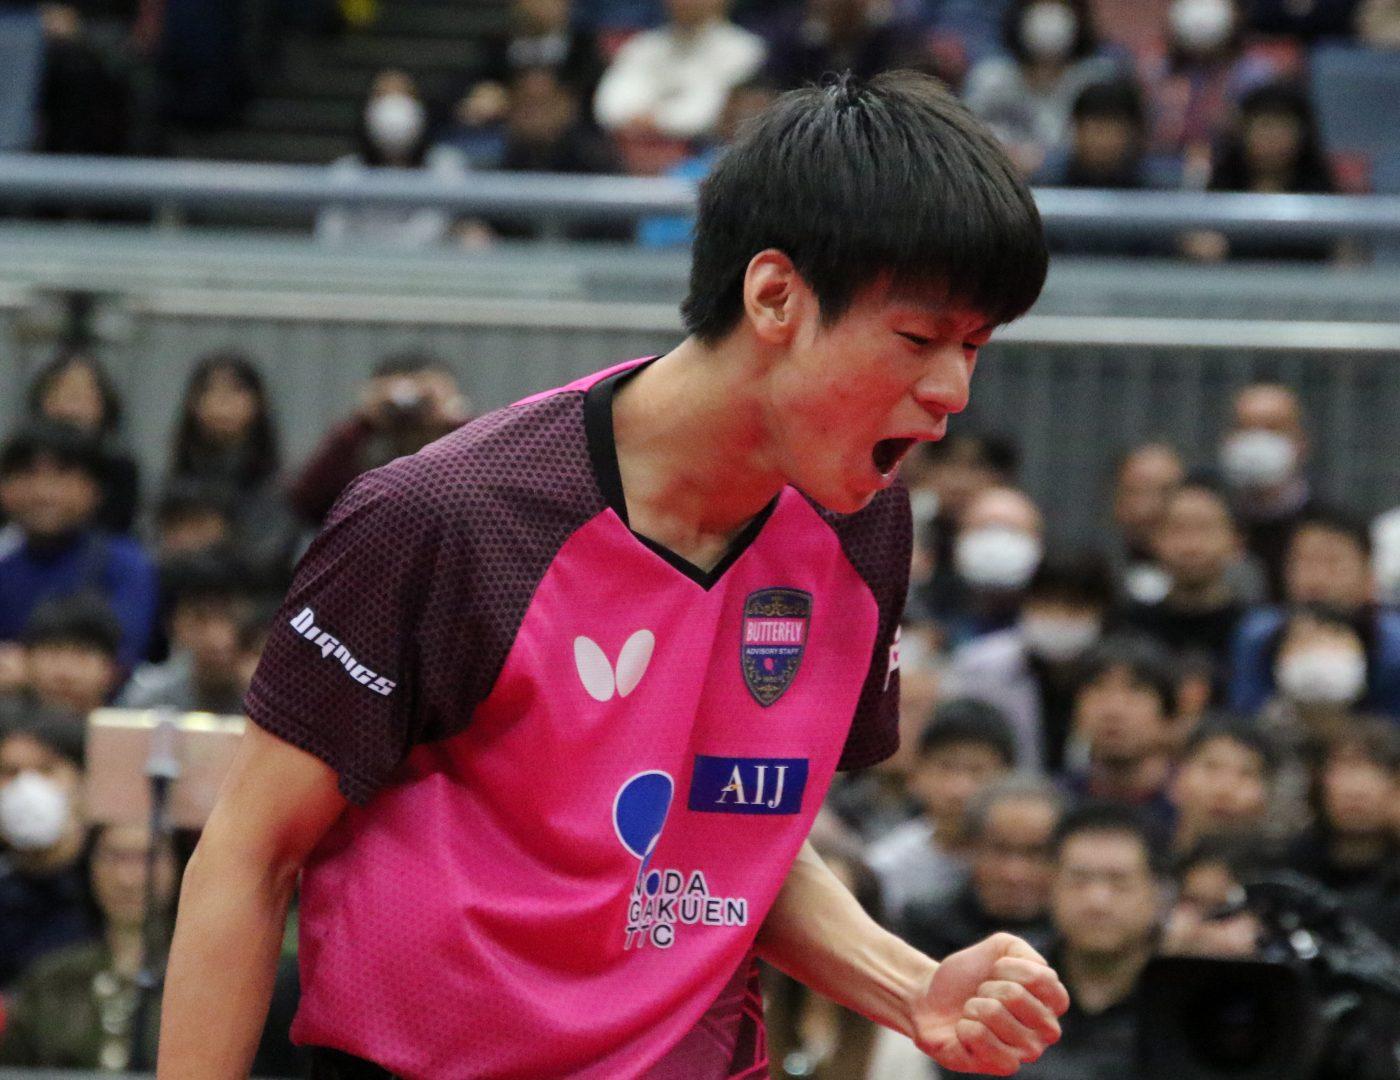 18歳・戸上隼輔「リードして心の隙ができた」 張本追い詰めるも惜敗<全日本卓球2020>